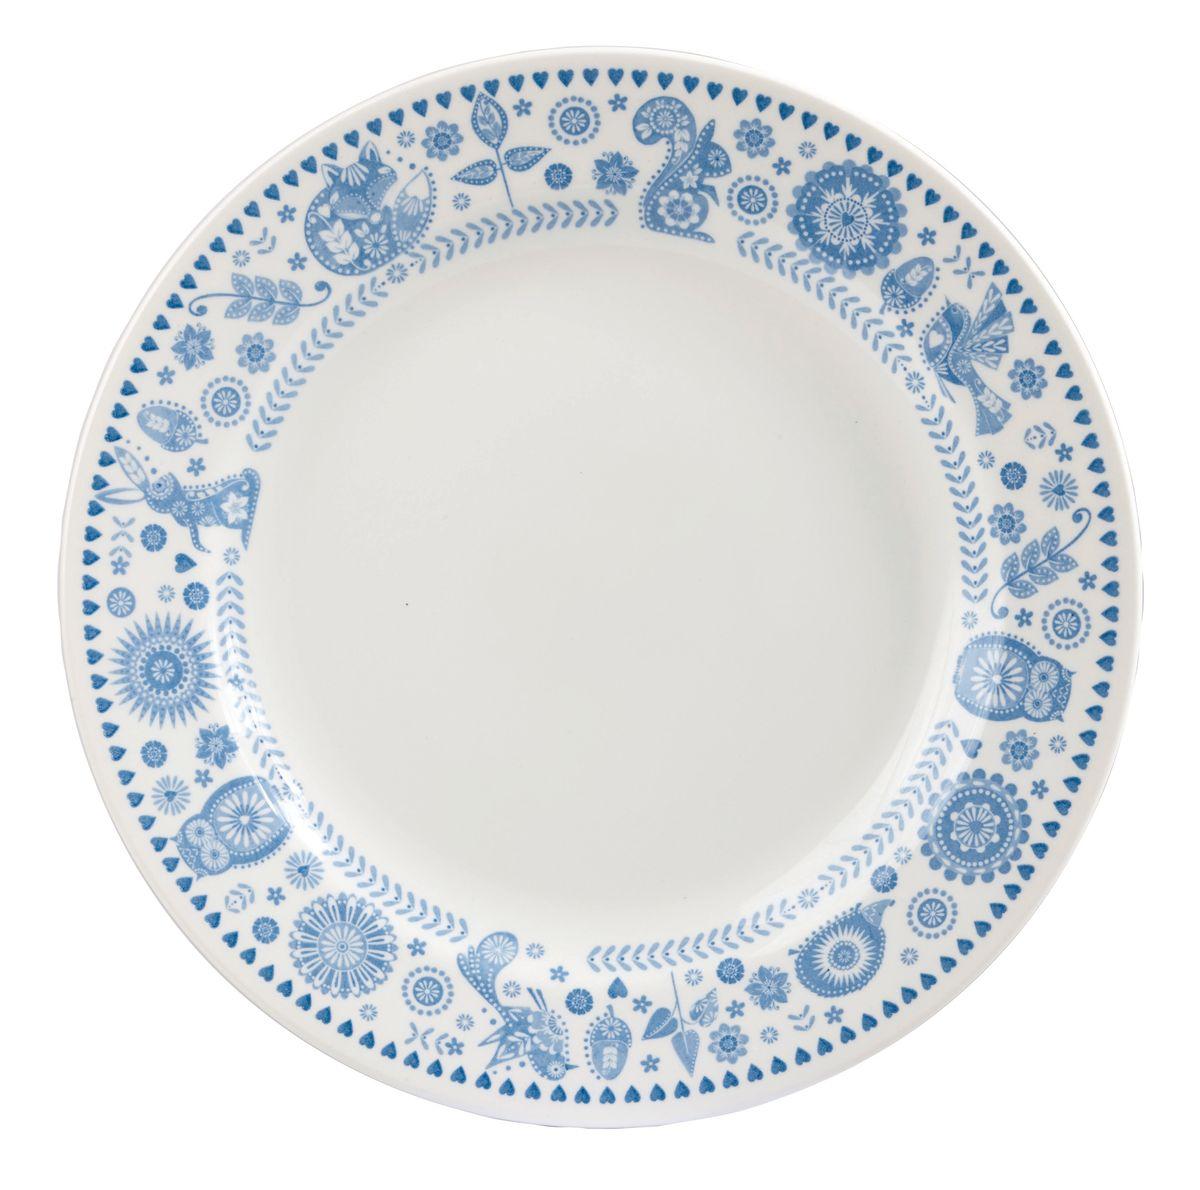 Тарелка обеденная Churchill, диаметр 26 см. PENZ00611PENZ00611Коллекция Penzance - классическое сочетание синего и белого с народным дизайном. Материал: фарфор, фаянс, керамика. Можно мыть в посудомоечной машине Можно использовать в микроволновой печи